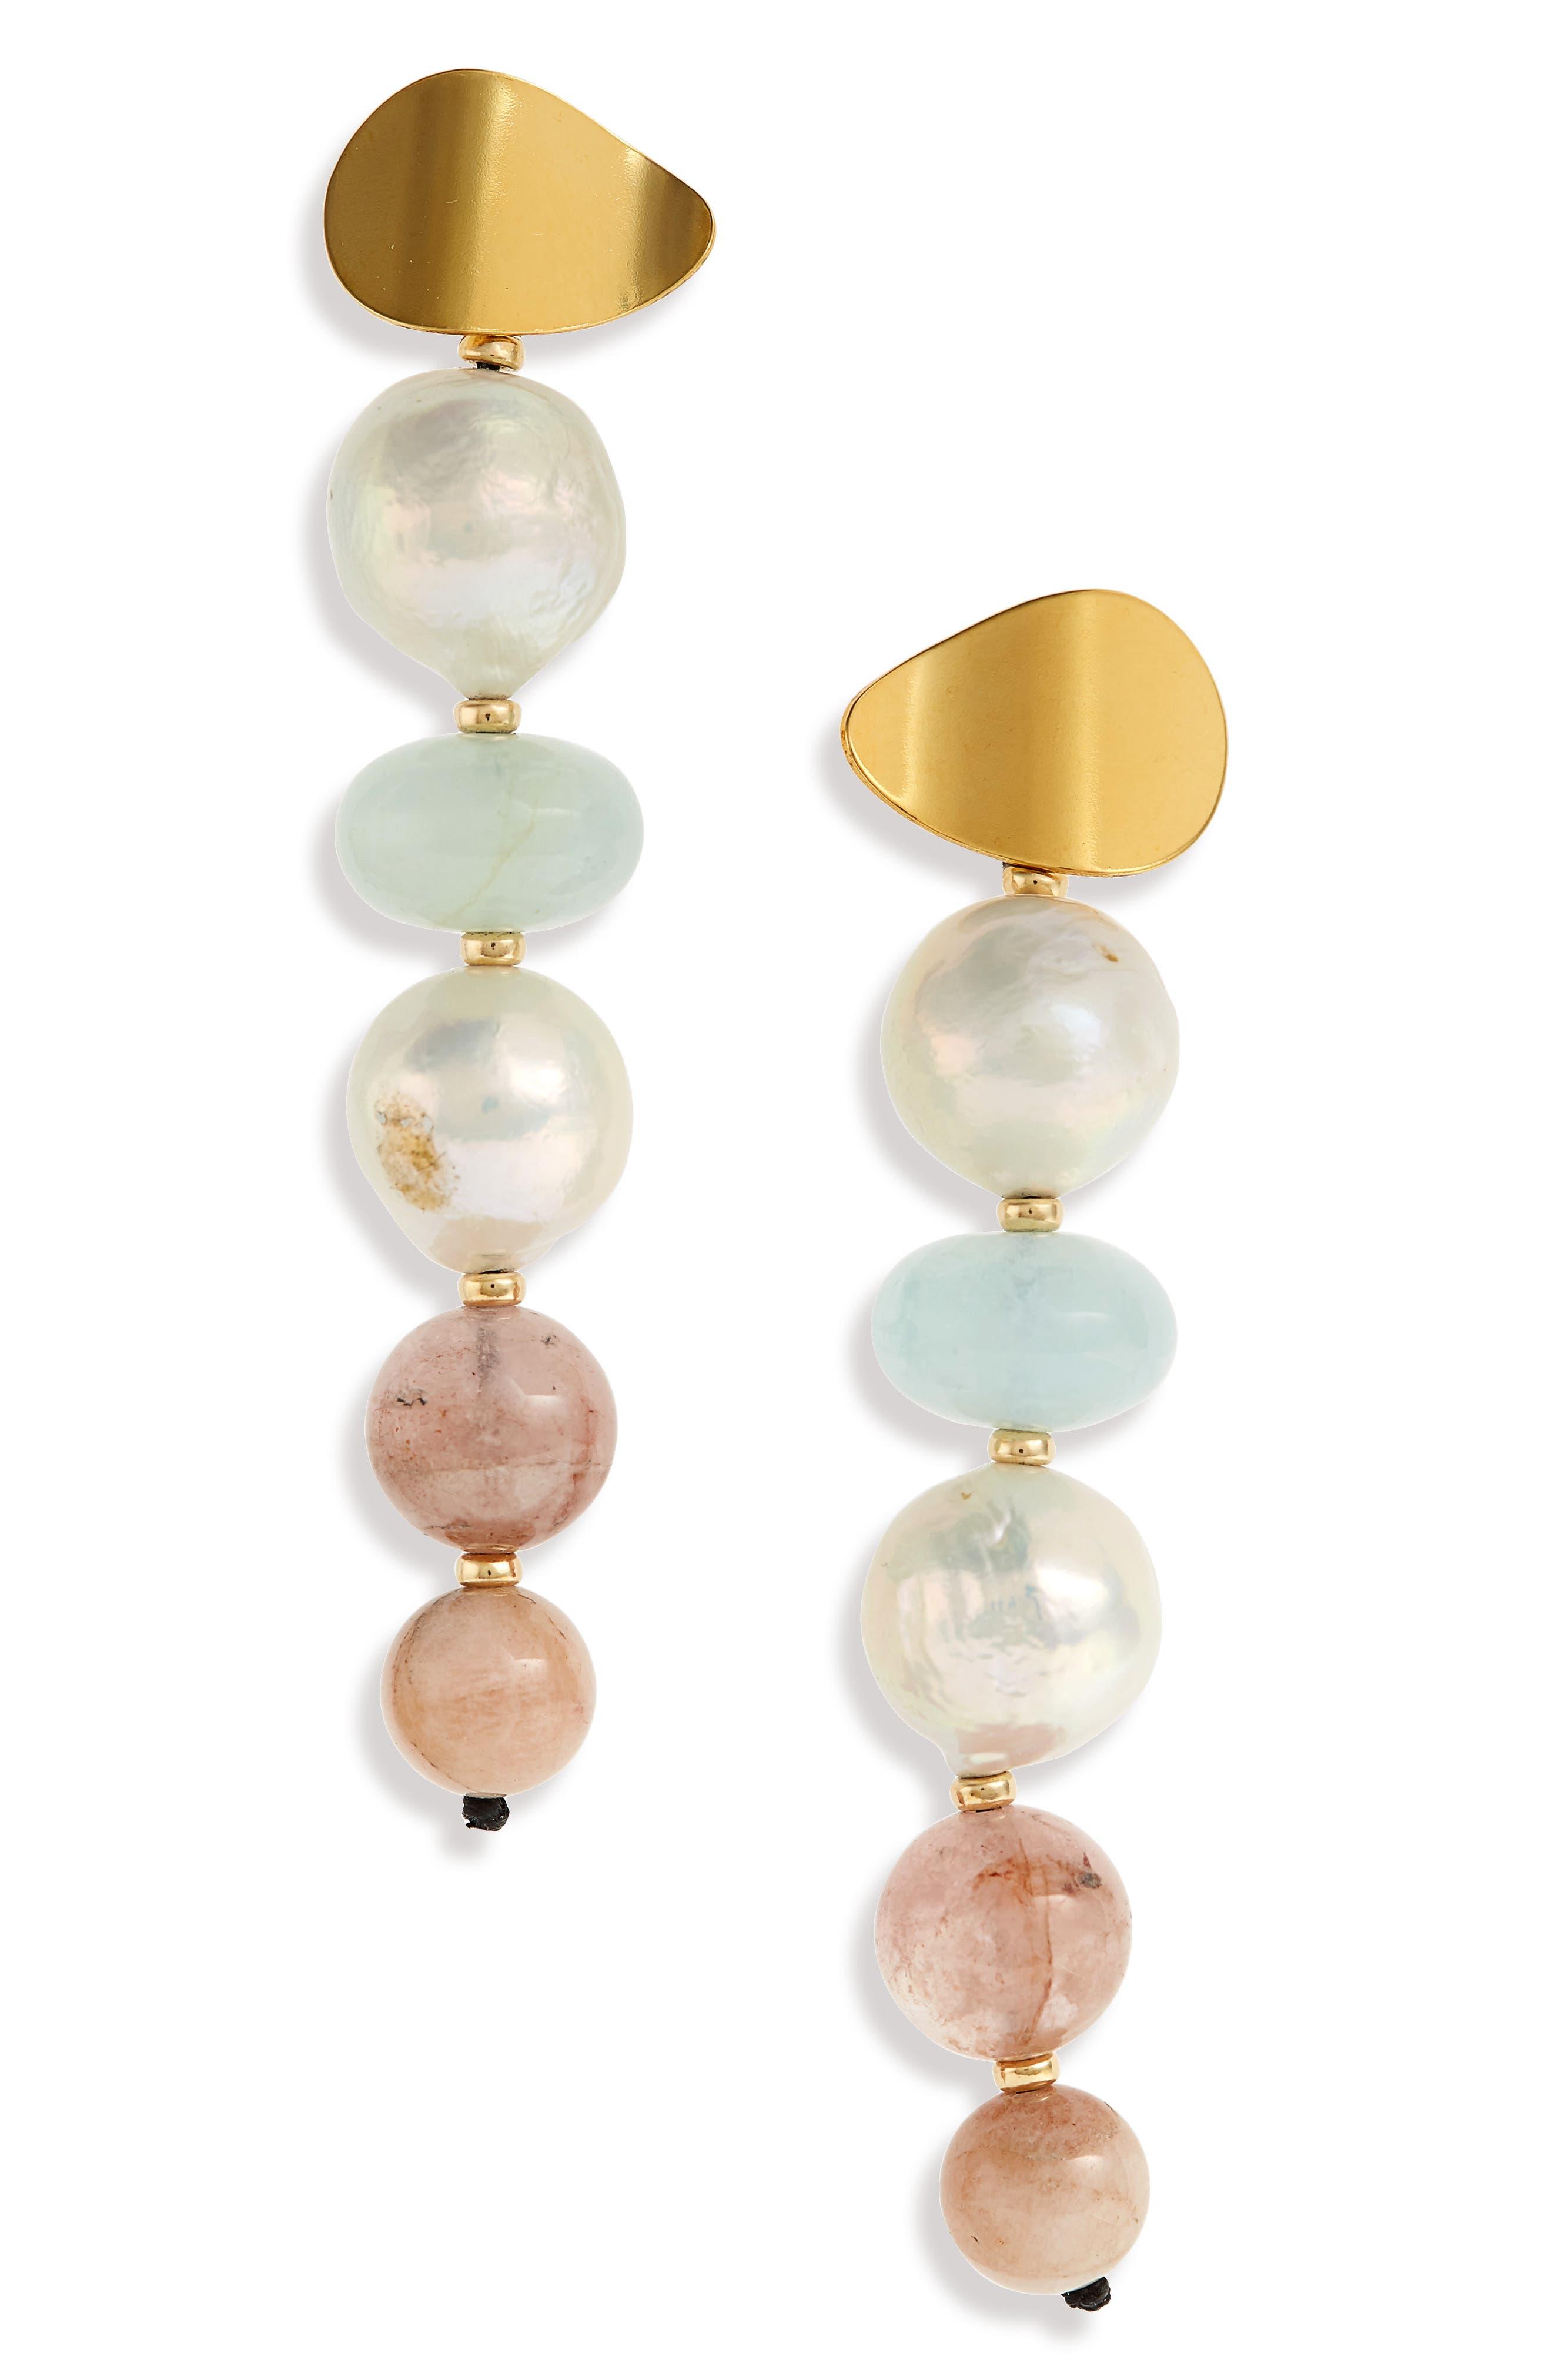 Pearl Pastel Column Earrings,                             Main thumbnail 1, color,                             WHITE MULTI